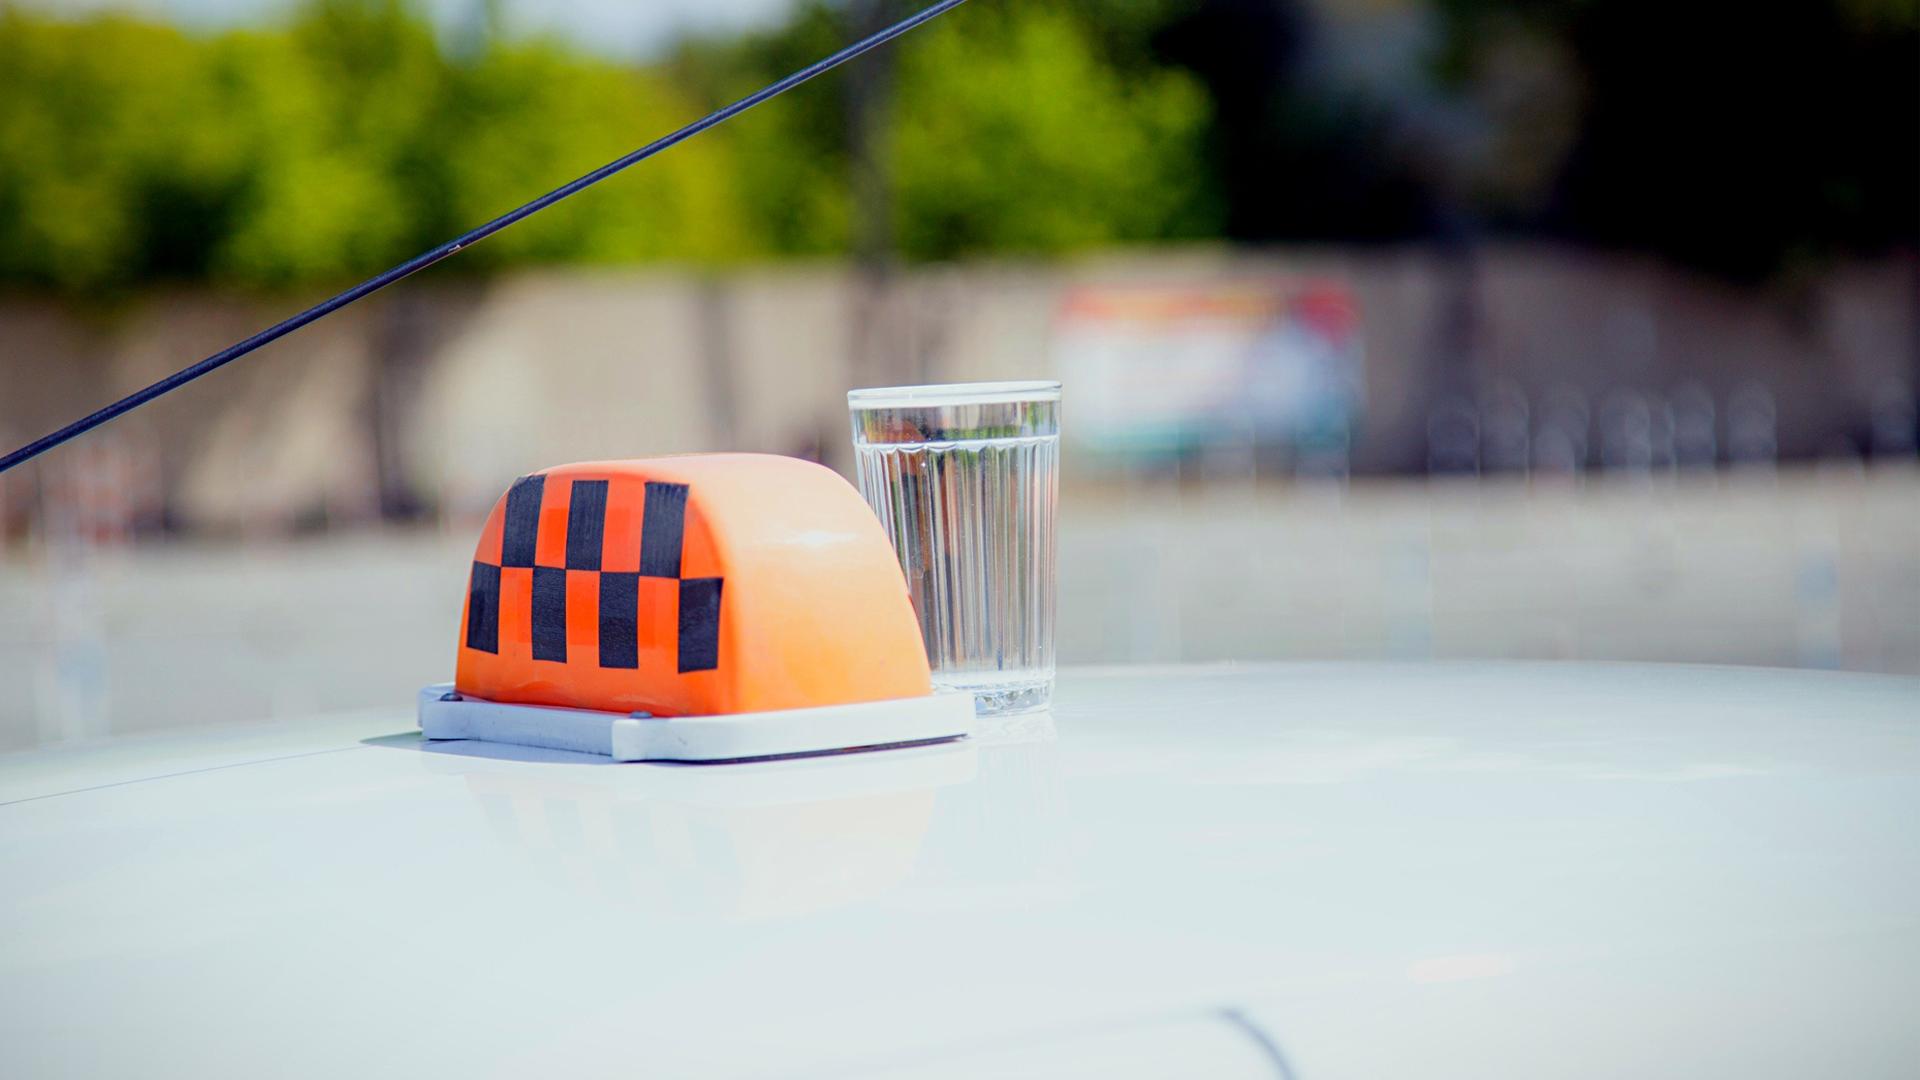 28 августа в Кургане состоится региональный этап конкурса «Лучший водитель такси в России-2020»